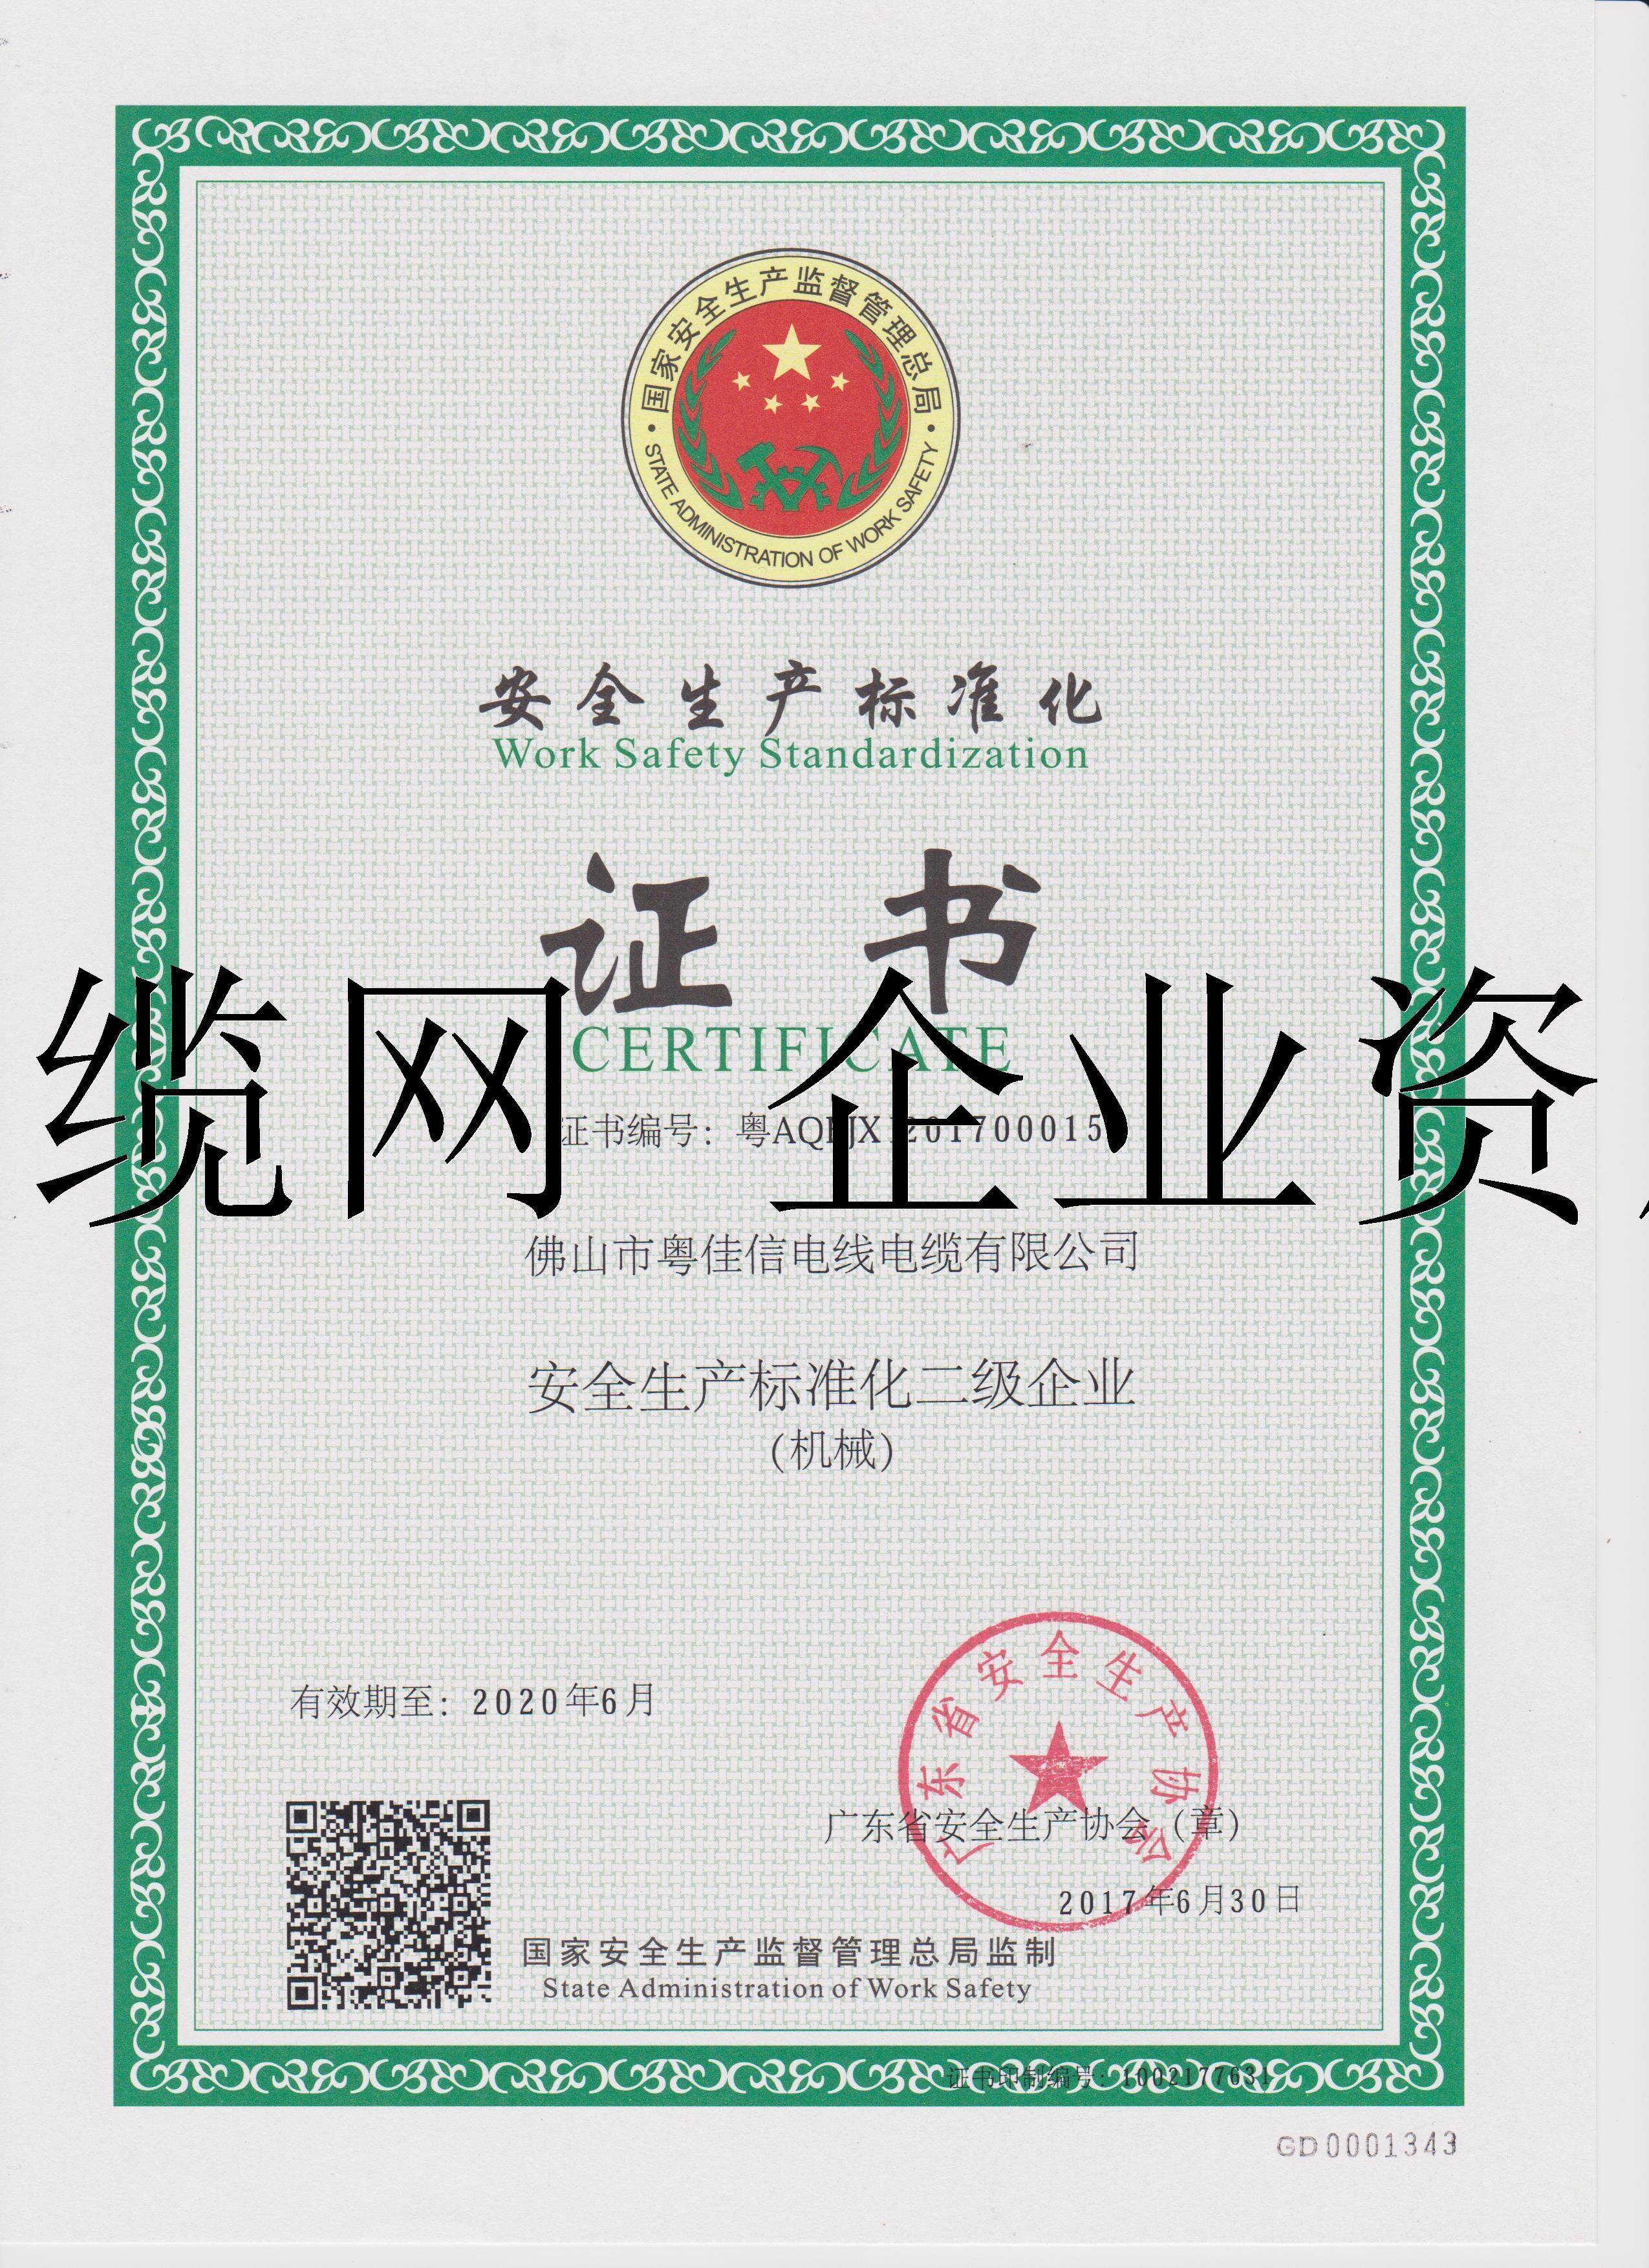 安全生产标准化二级企业证书